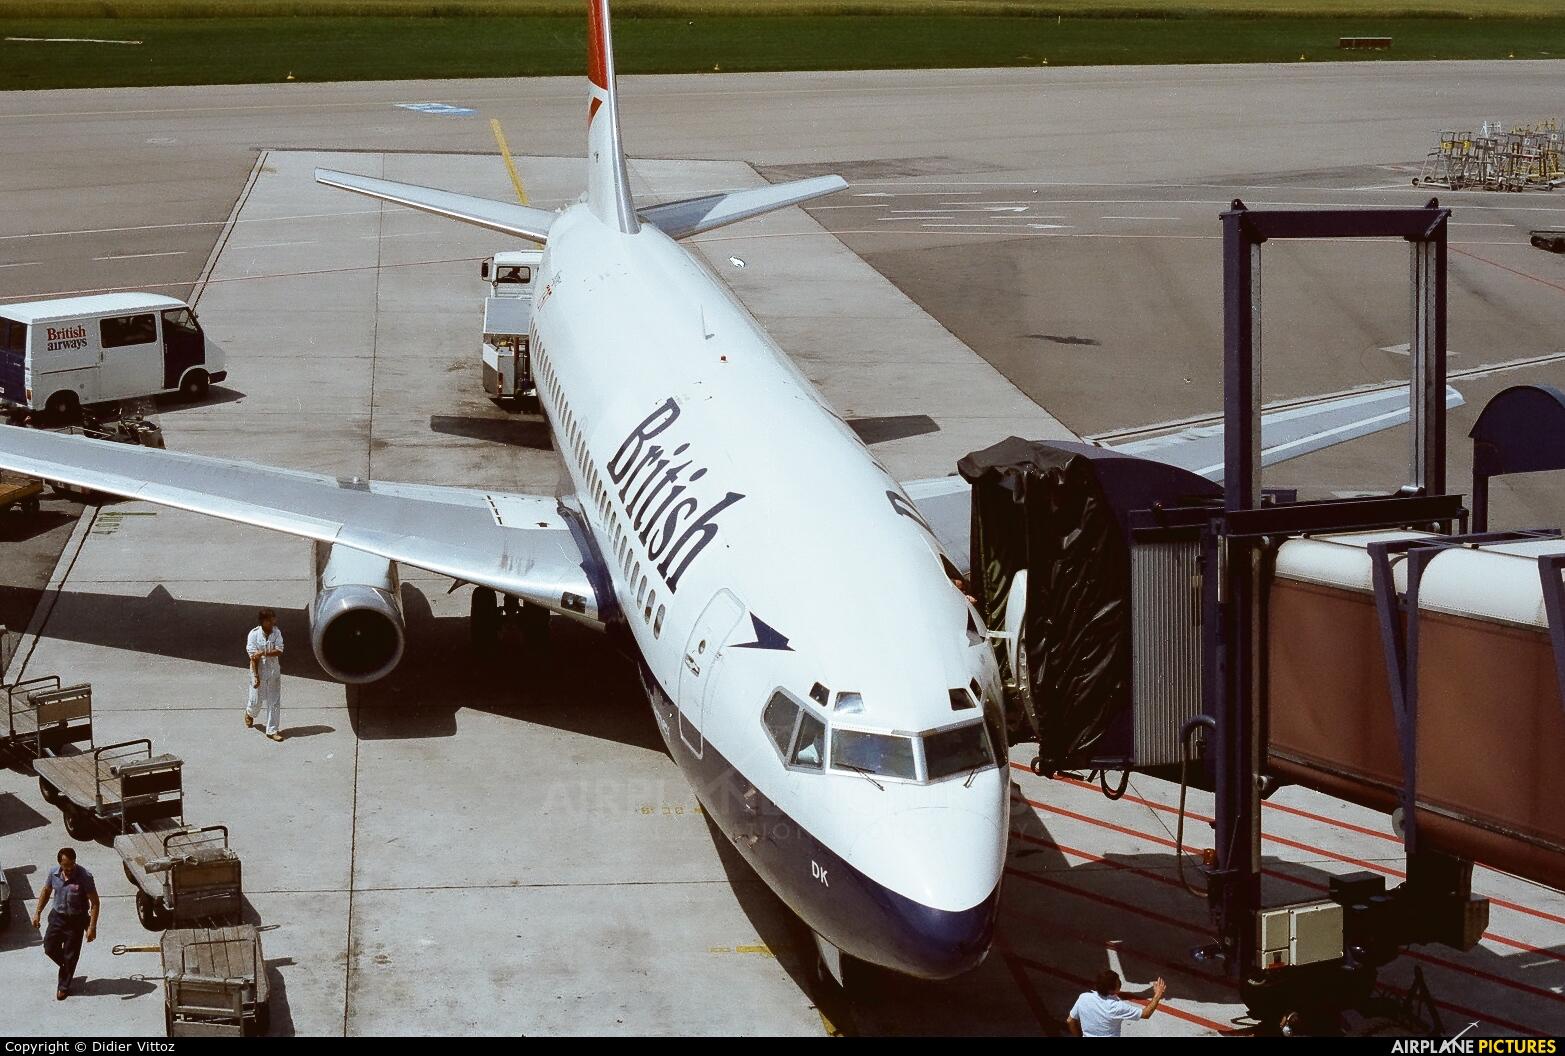 British Airways G-BGDK aircraft at Zurich